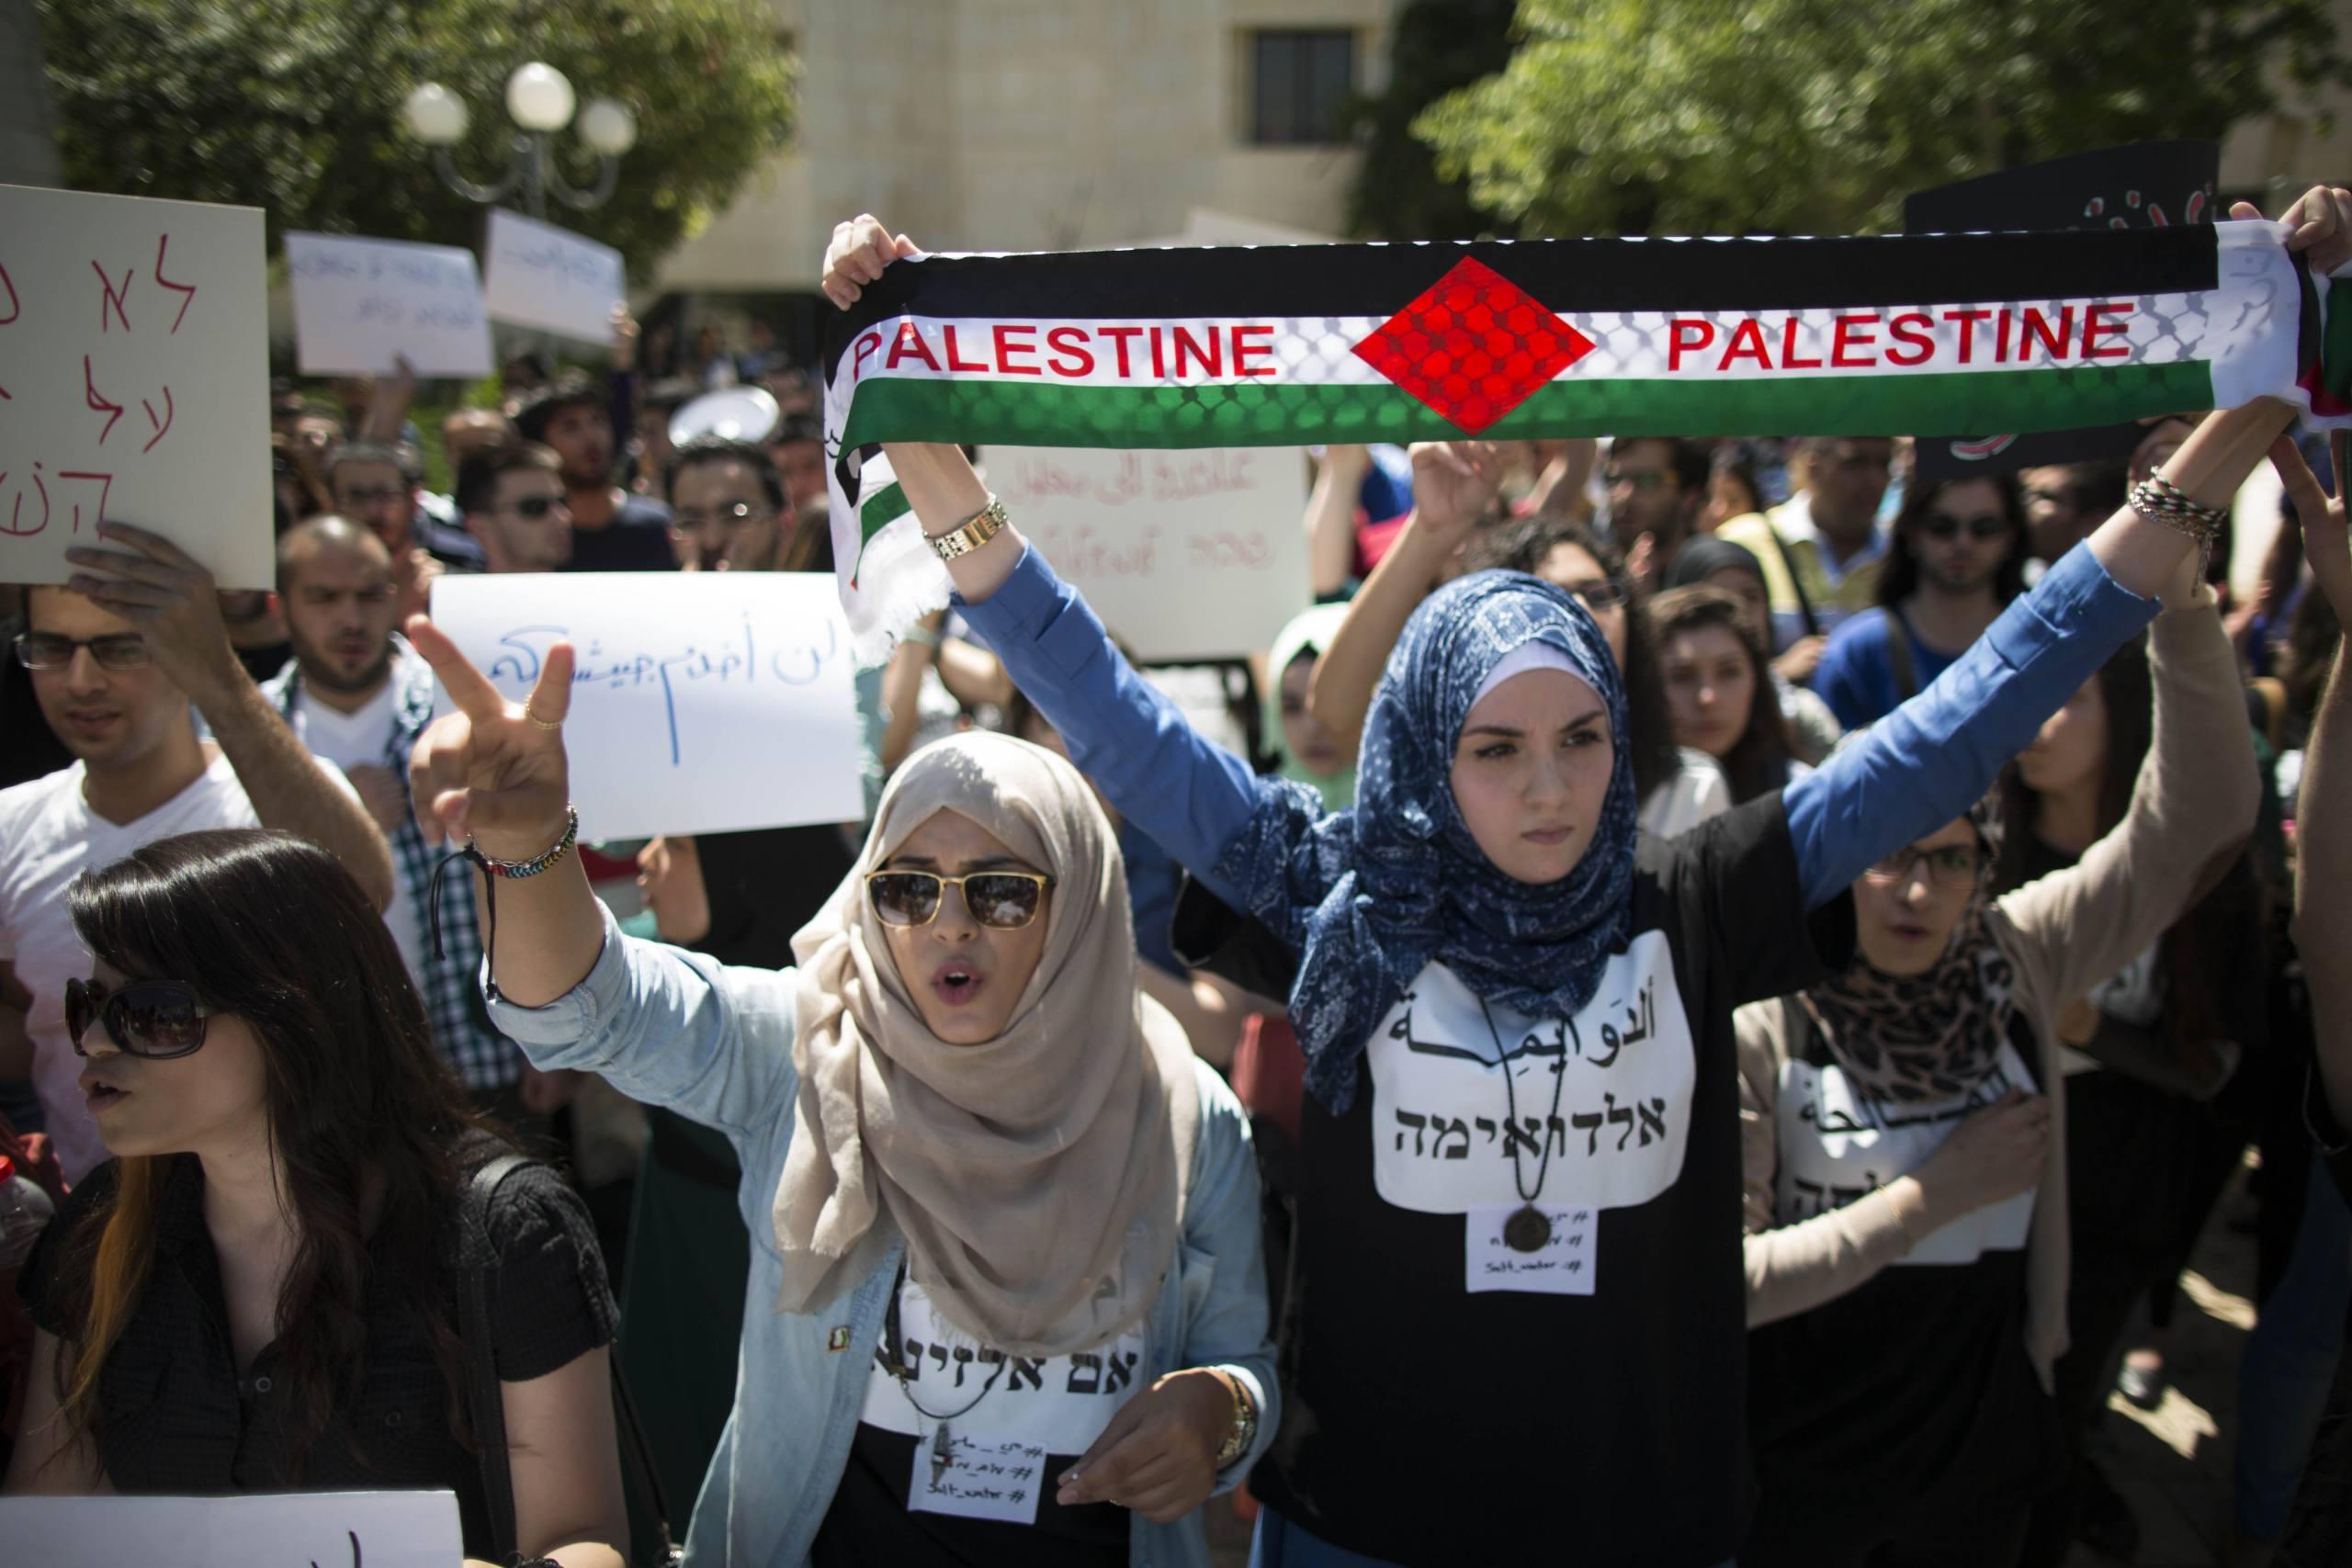 Arab Israeli and left wing student activists hold protest during a rally marking the upcoming Nakba anniversary at the Hebrew University in Jerusalem on May 14, 2014. Palestinians mark the Nakba on May 15, commemorating the expulsion and fleeing of Palestinians from their lands as a result of the 1948 war that led to the creation of the Jewish state. Photo by Yonatan Sindel/Flash90 *** Local Caption *** ñèåãðèéí òøáé éùøàì åôòéìé ùîàì òåøëå è÷ñ æéëøåï ì ðëáä ùì òøáé éùøàì îùðú 48  ùîåìí îôâéðéí ðâã ôòéìé àí úøöå  á àåðéáøñéèä ä òáøéú á éøåùìéí ð÷áà ð÷áä